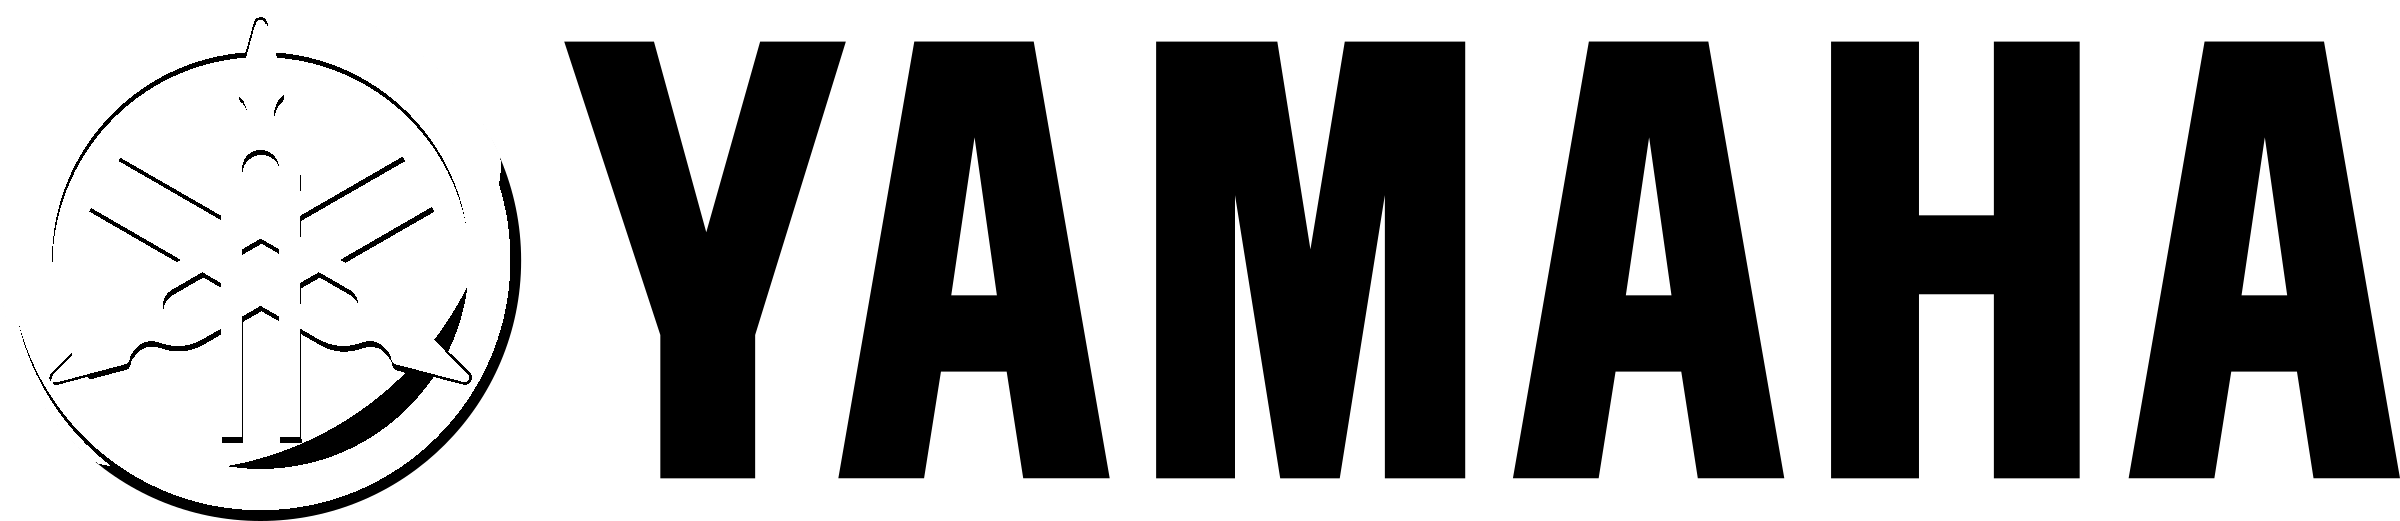 Yamaha Logo Black And White